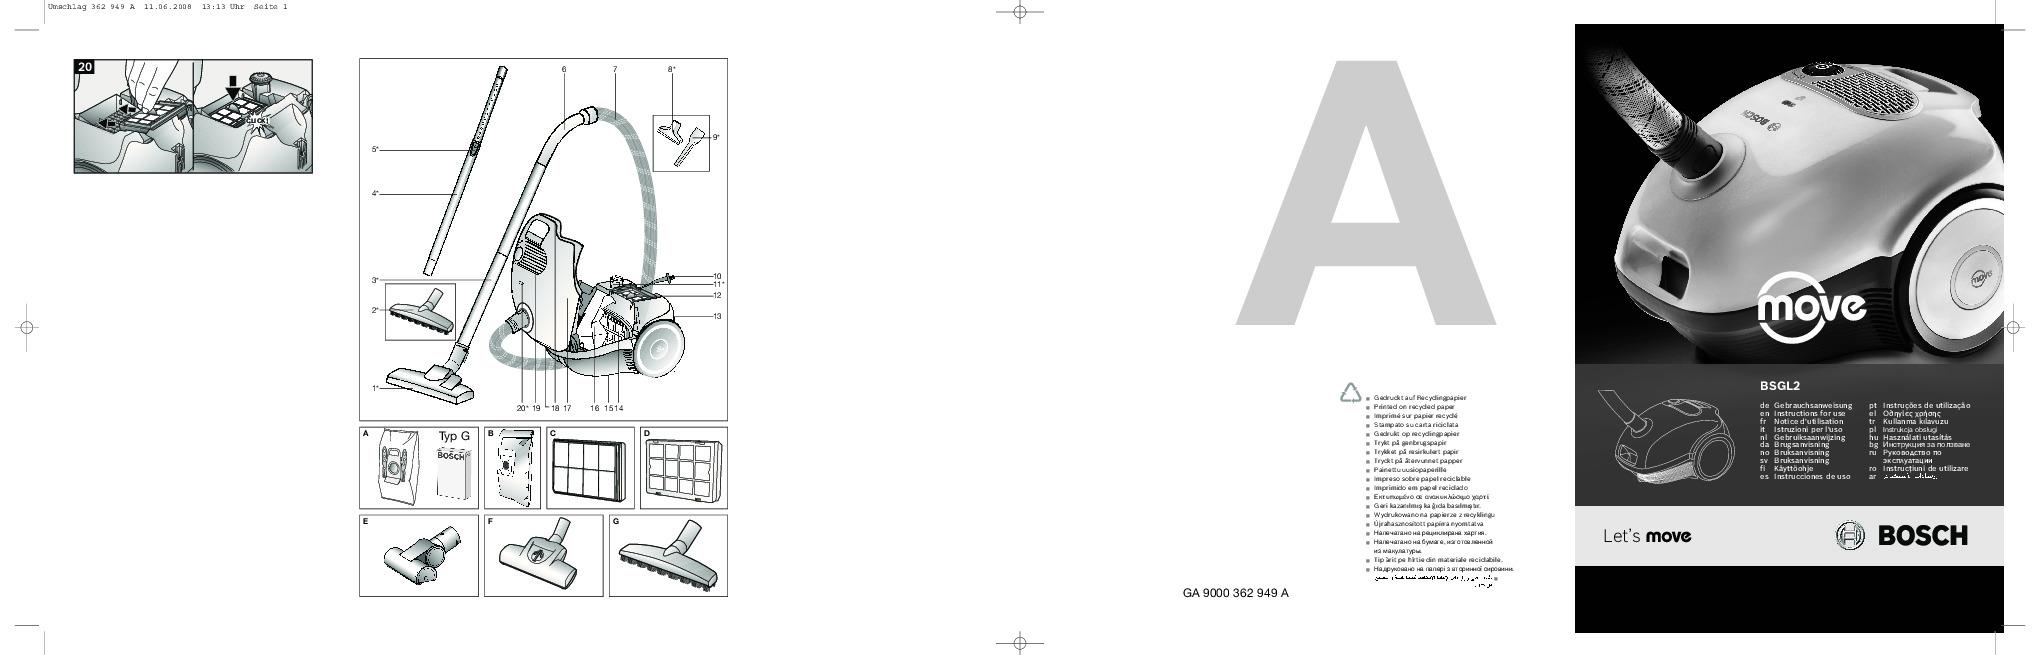 Вертикальный пылесос bosch bbhmove2n (handstick): ручной, отзывы, технические характеристики, инструкция пользователя